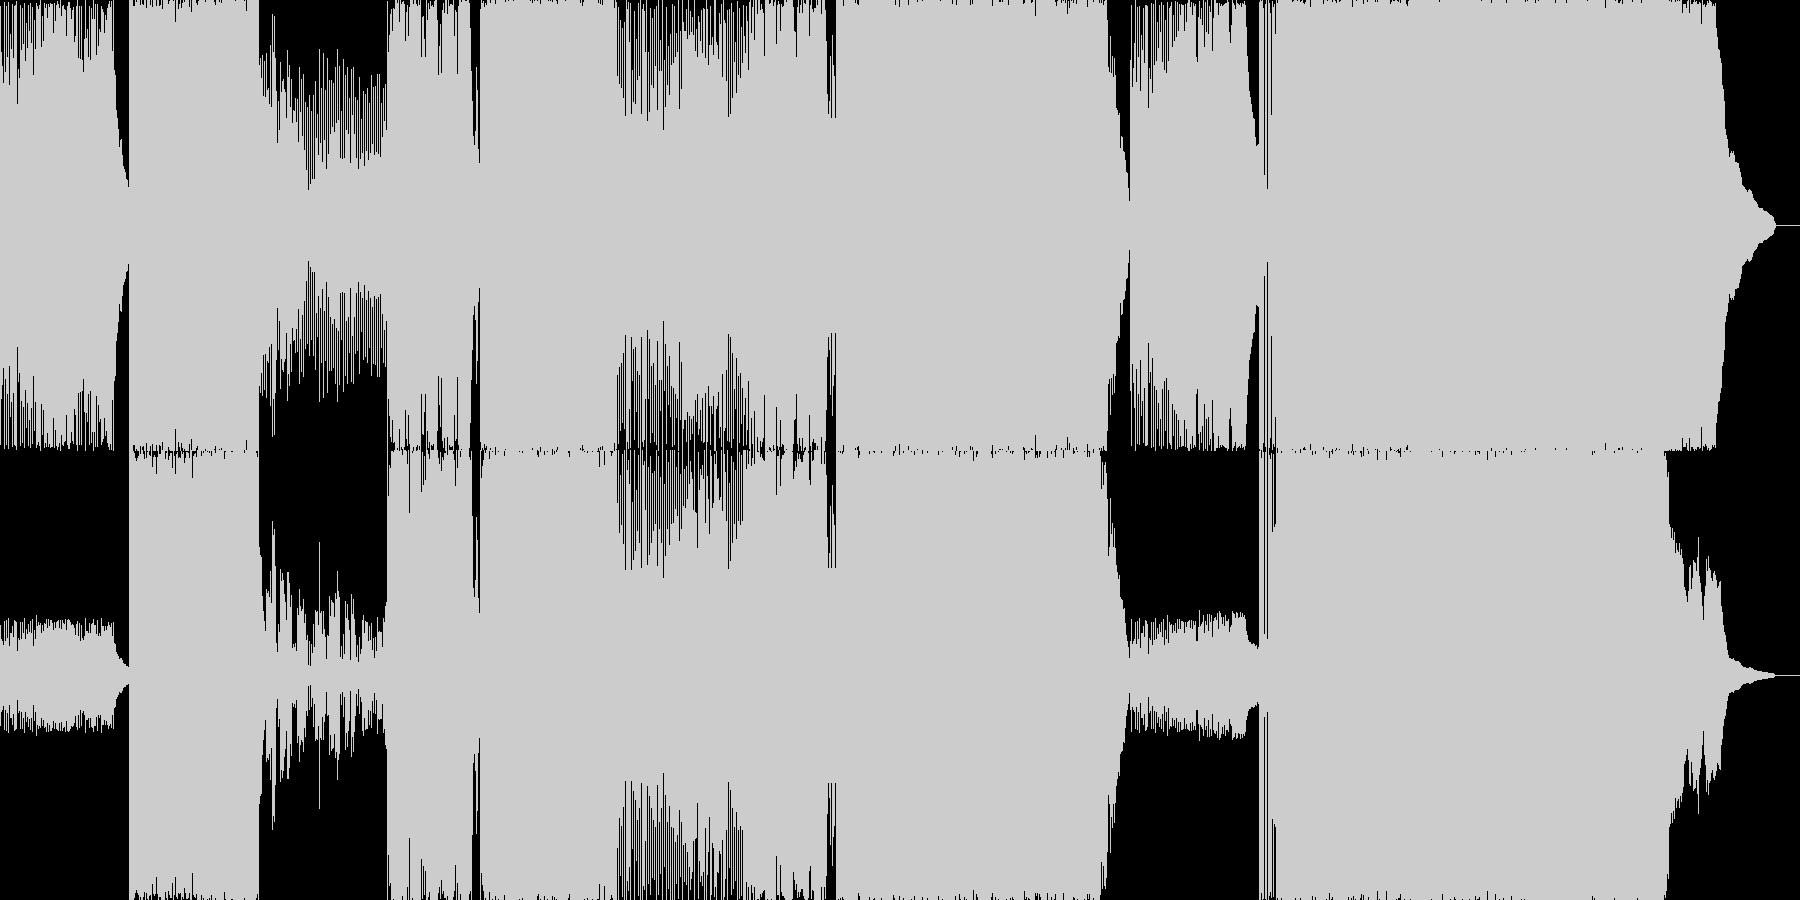 エモ系ロックバンドの壮大なバラードの未再生の波形